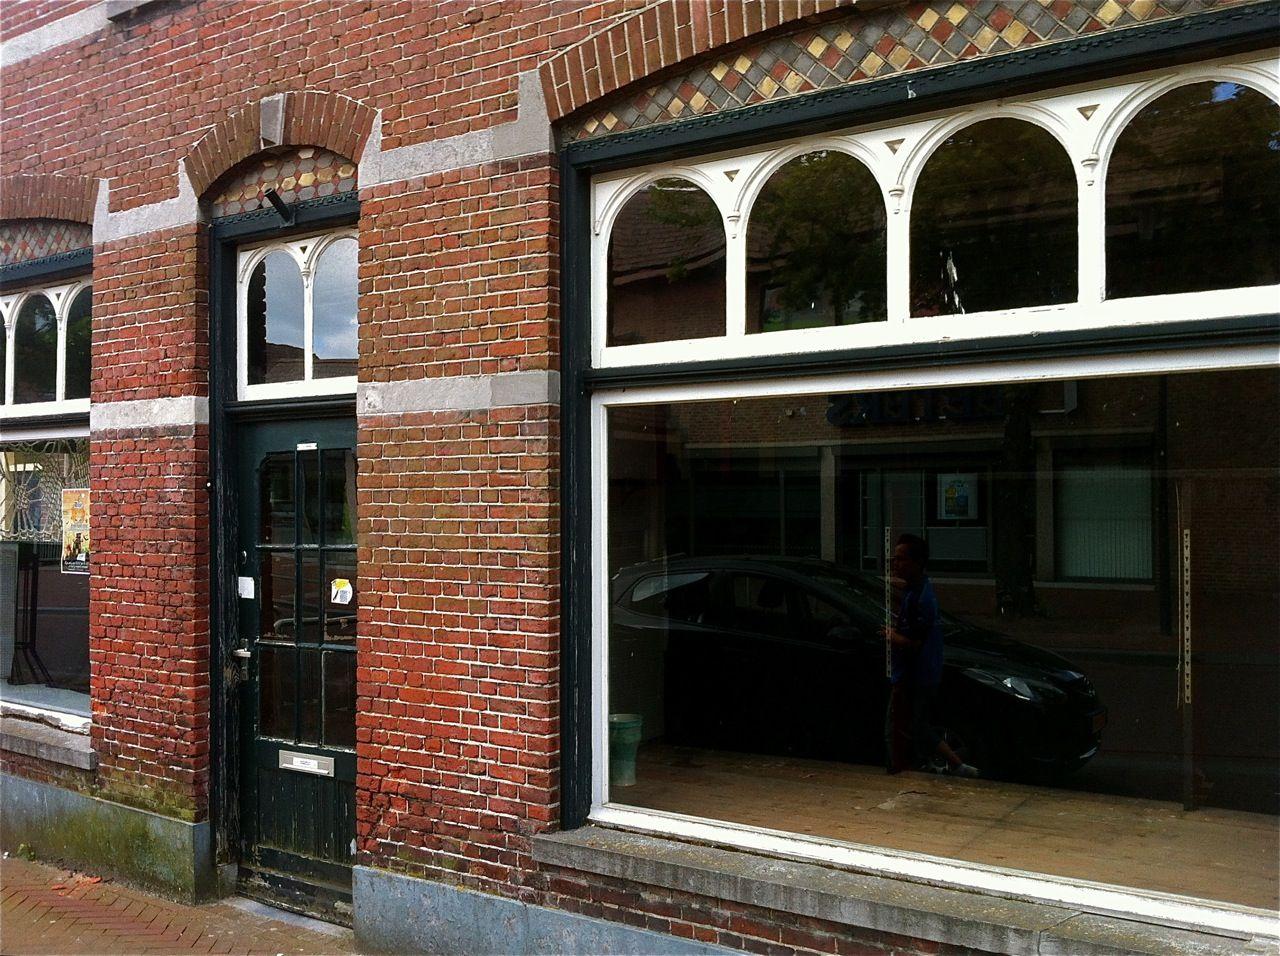 """Etalage van """"De Winkel van Van Ierssel"""" in 2011. Oud, leeg en verlaten..."""